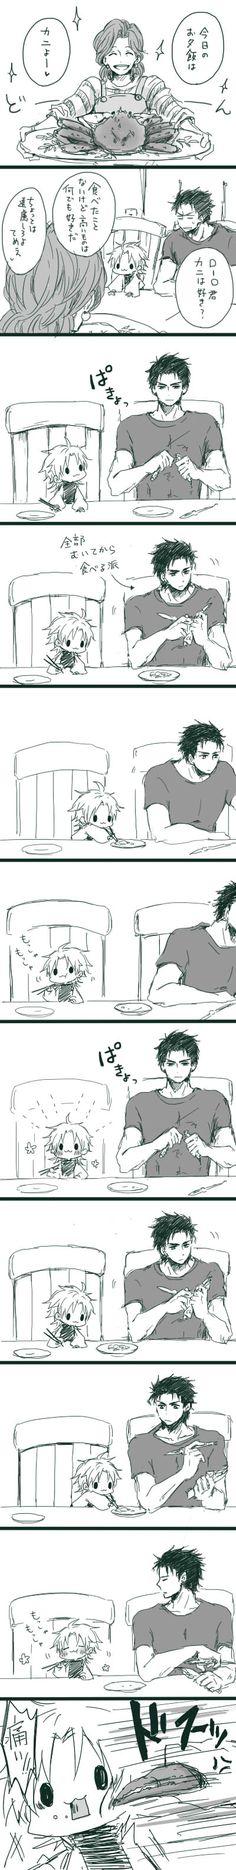 「承DIO小ネタ」/「ぼんぢり」の漫画 [pixiv] - Ahaha omg this is soo cute! XD